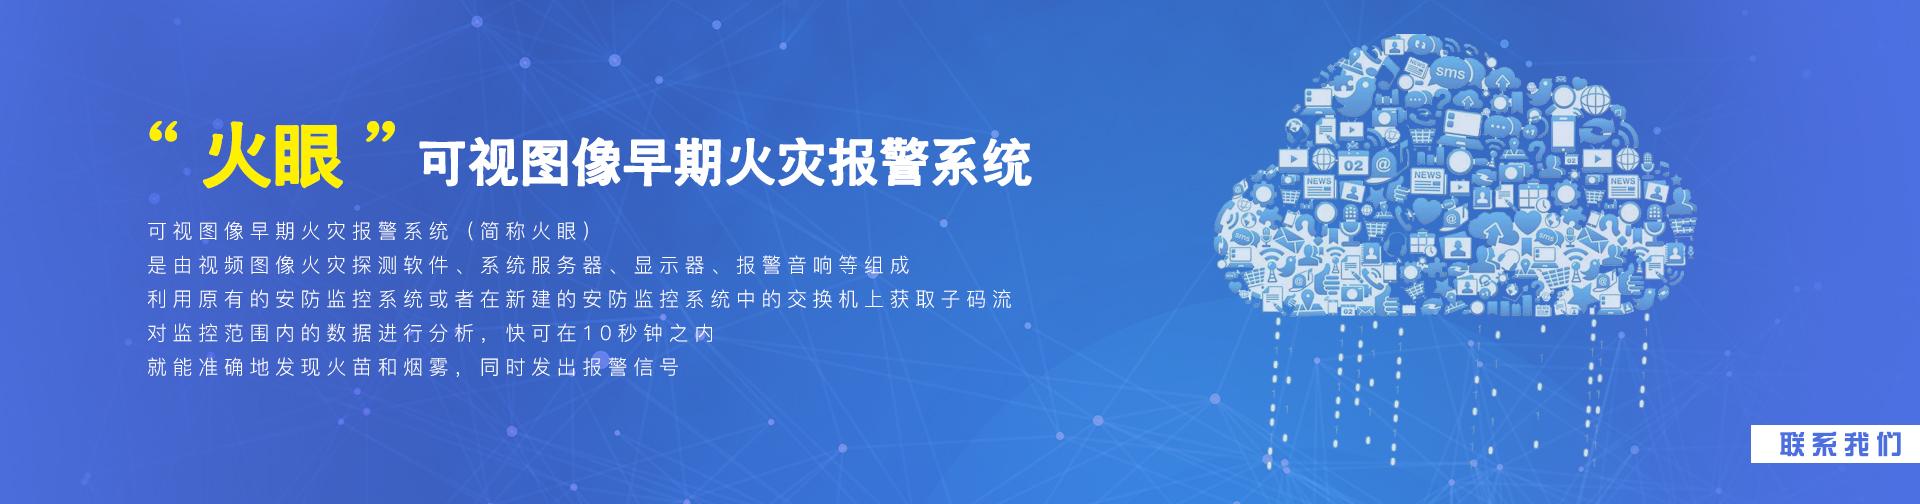 福建火眼可视图像早期火灾报警系统,福州华屏信息技术有限公司